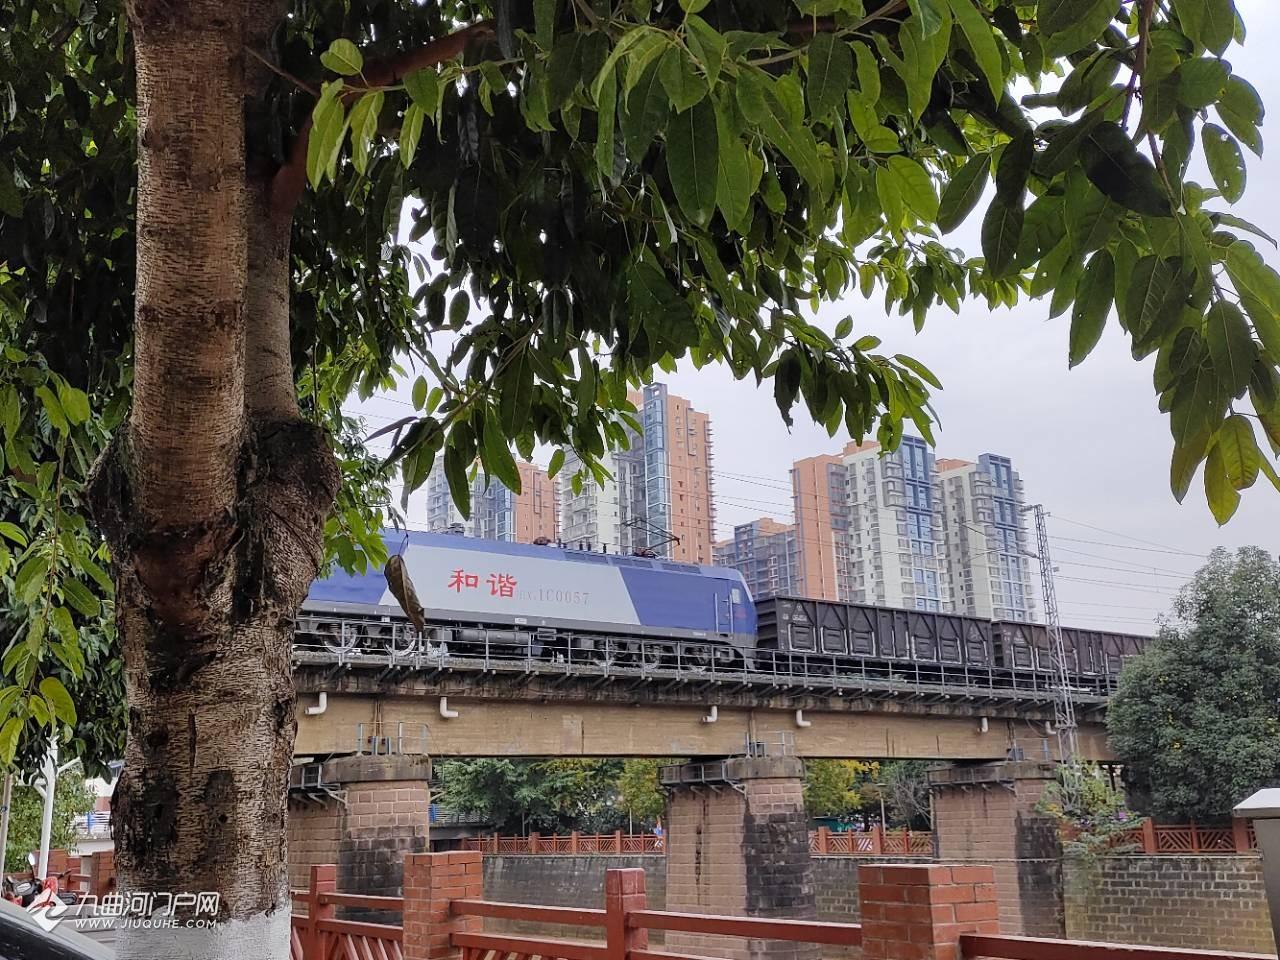 资阳西门铁路桥某处风景,是与繁华大道不一样的质朴,你是更喜欢热闹还是宁静呢?